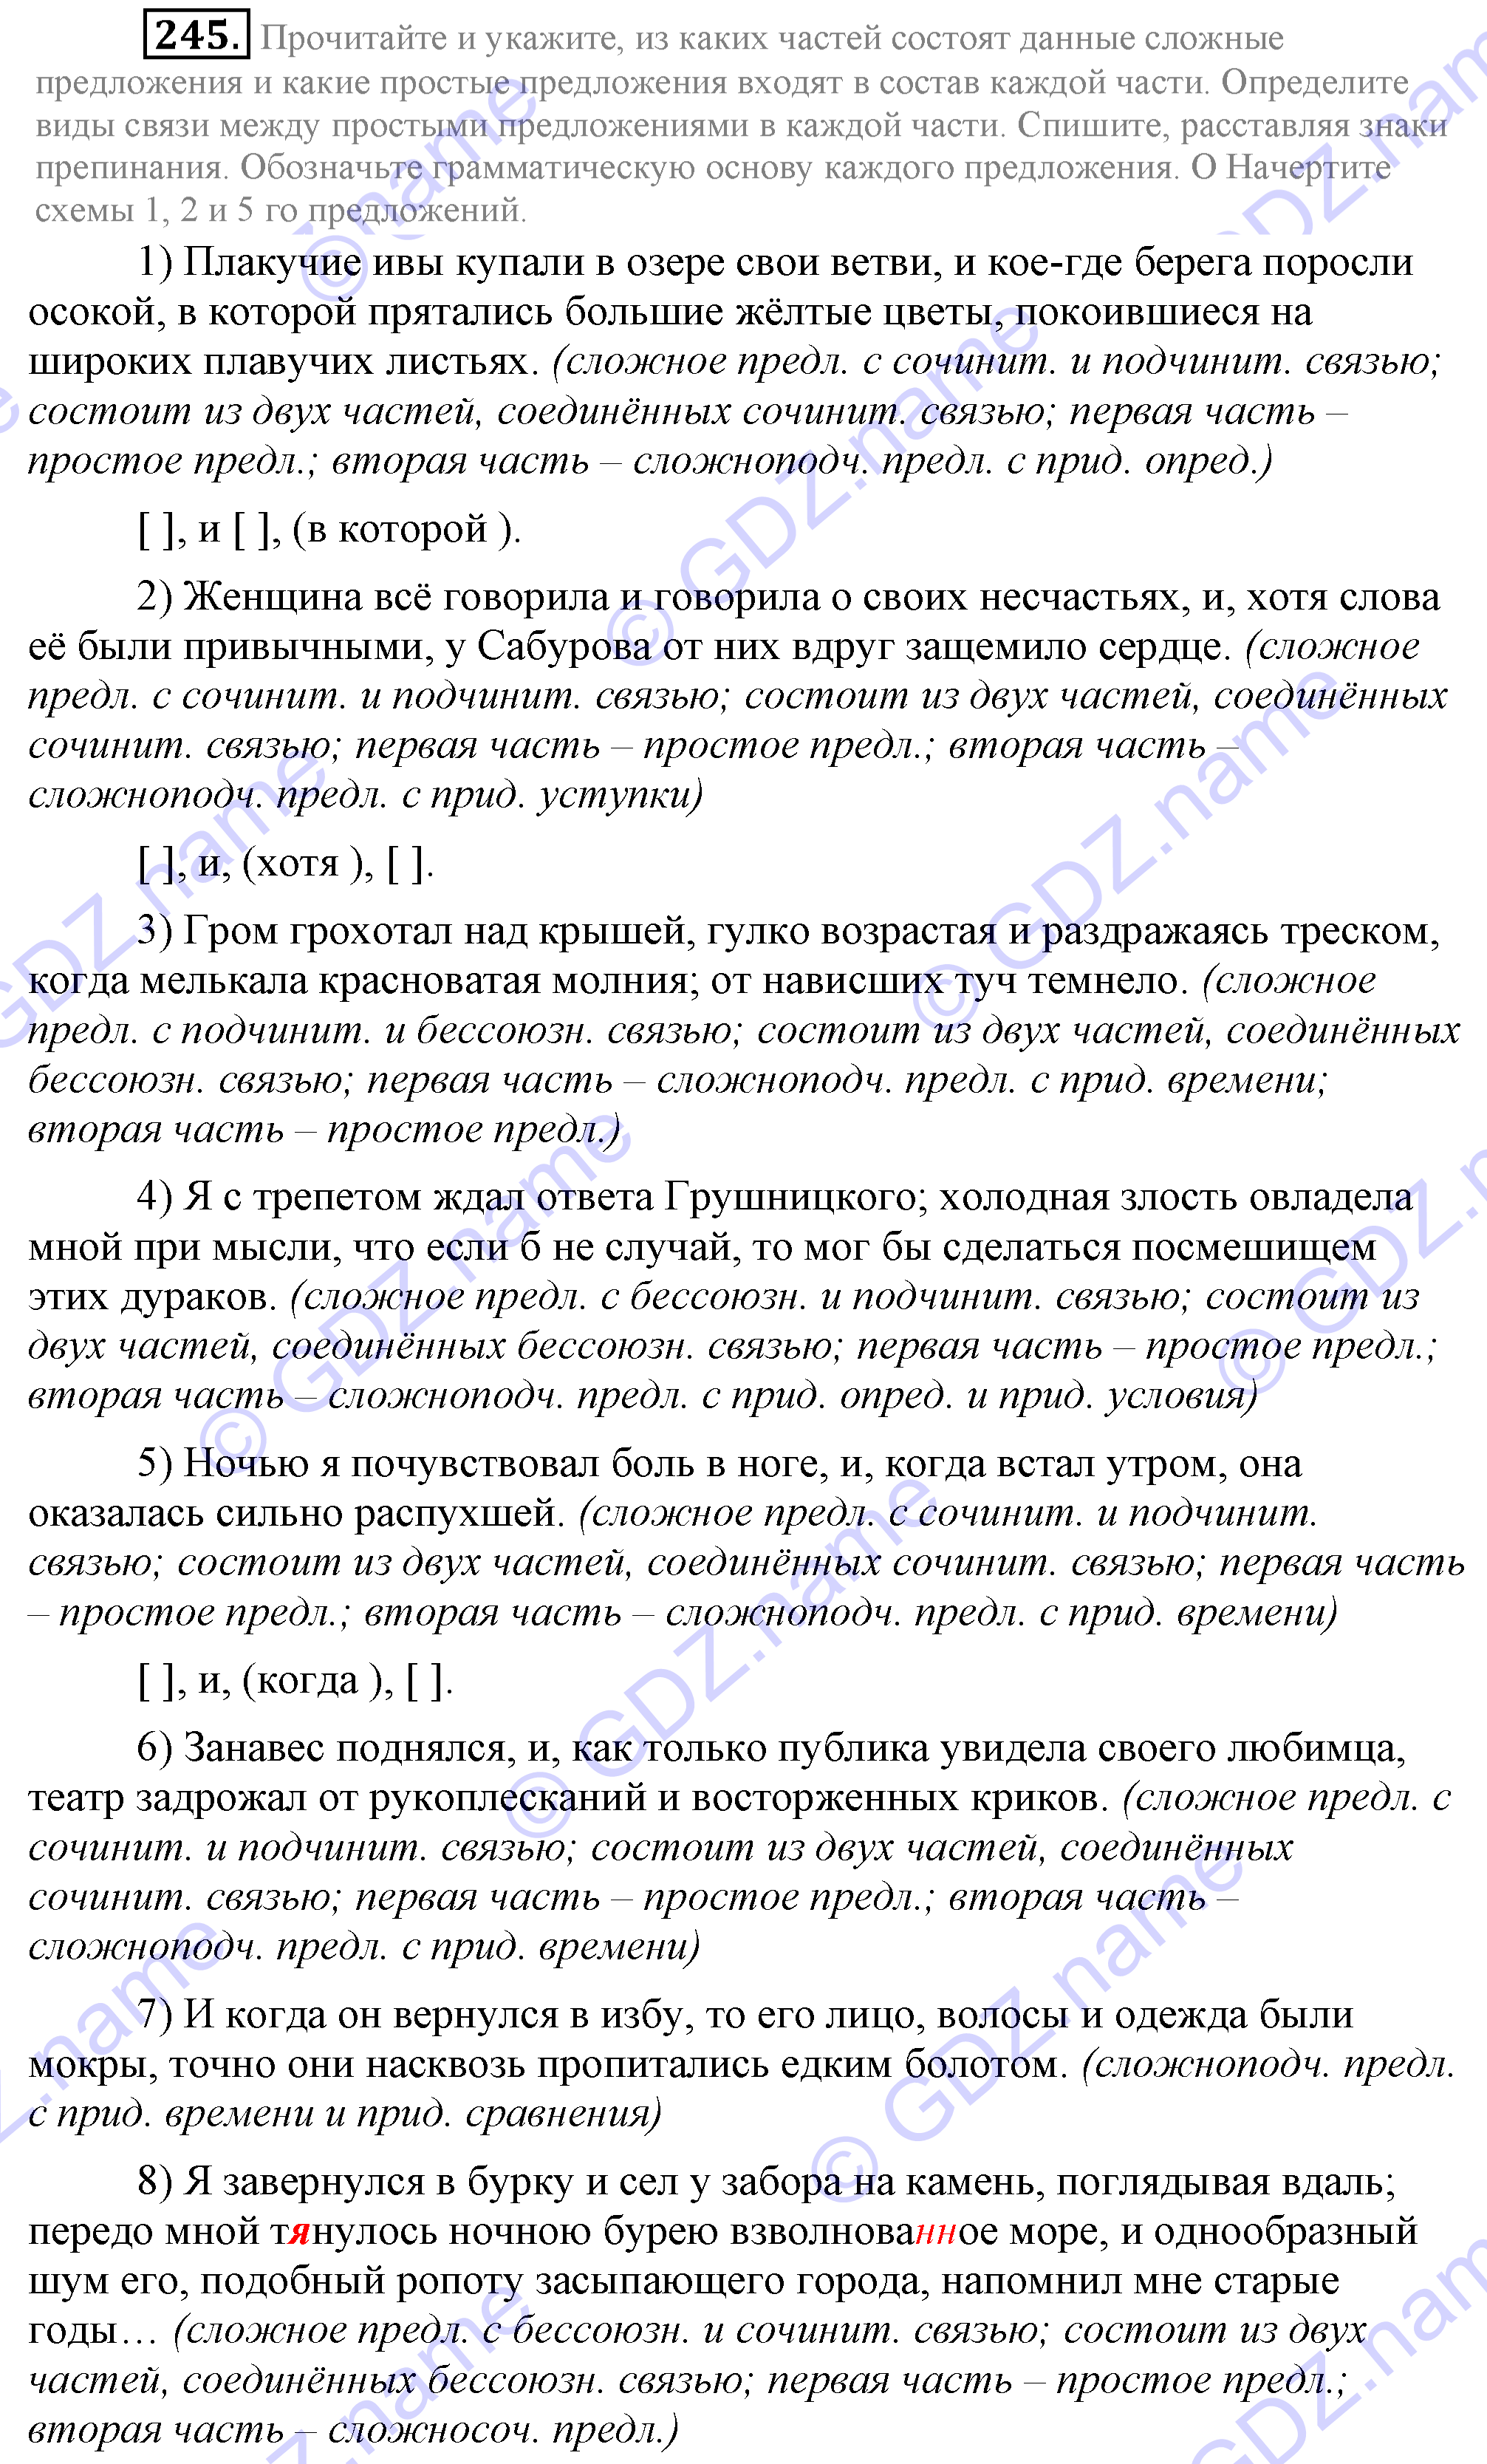 Физика класс лабороторные работы контрольные задания гдз в.п.синичкин